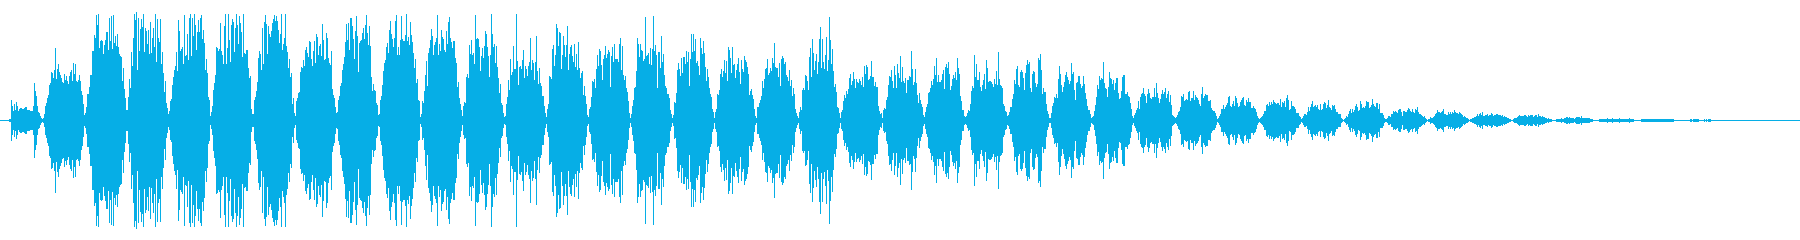 スプリッタードロップ、パワーダウン...の再生済みの波形